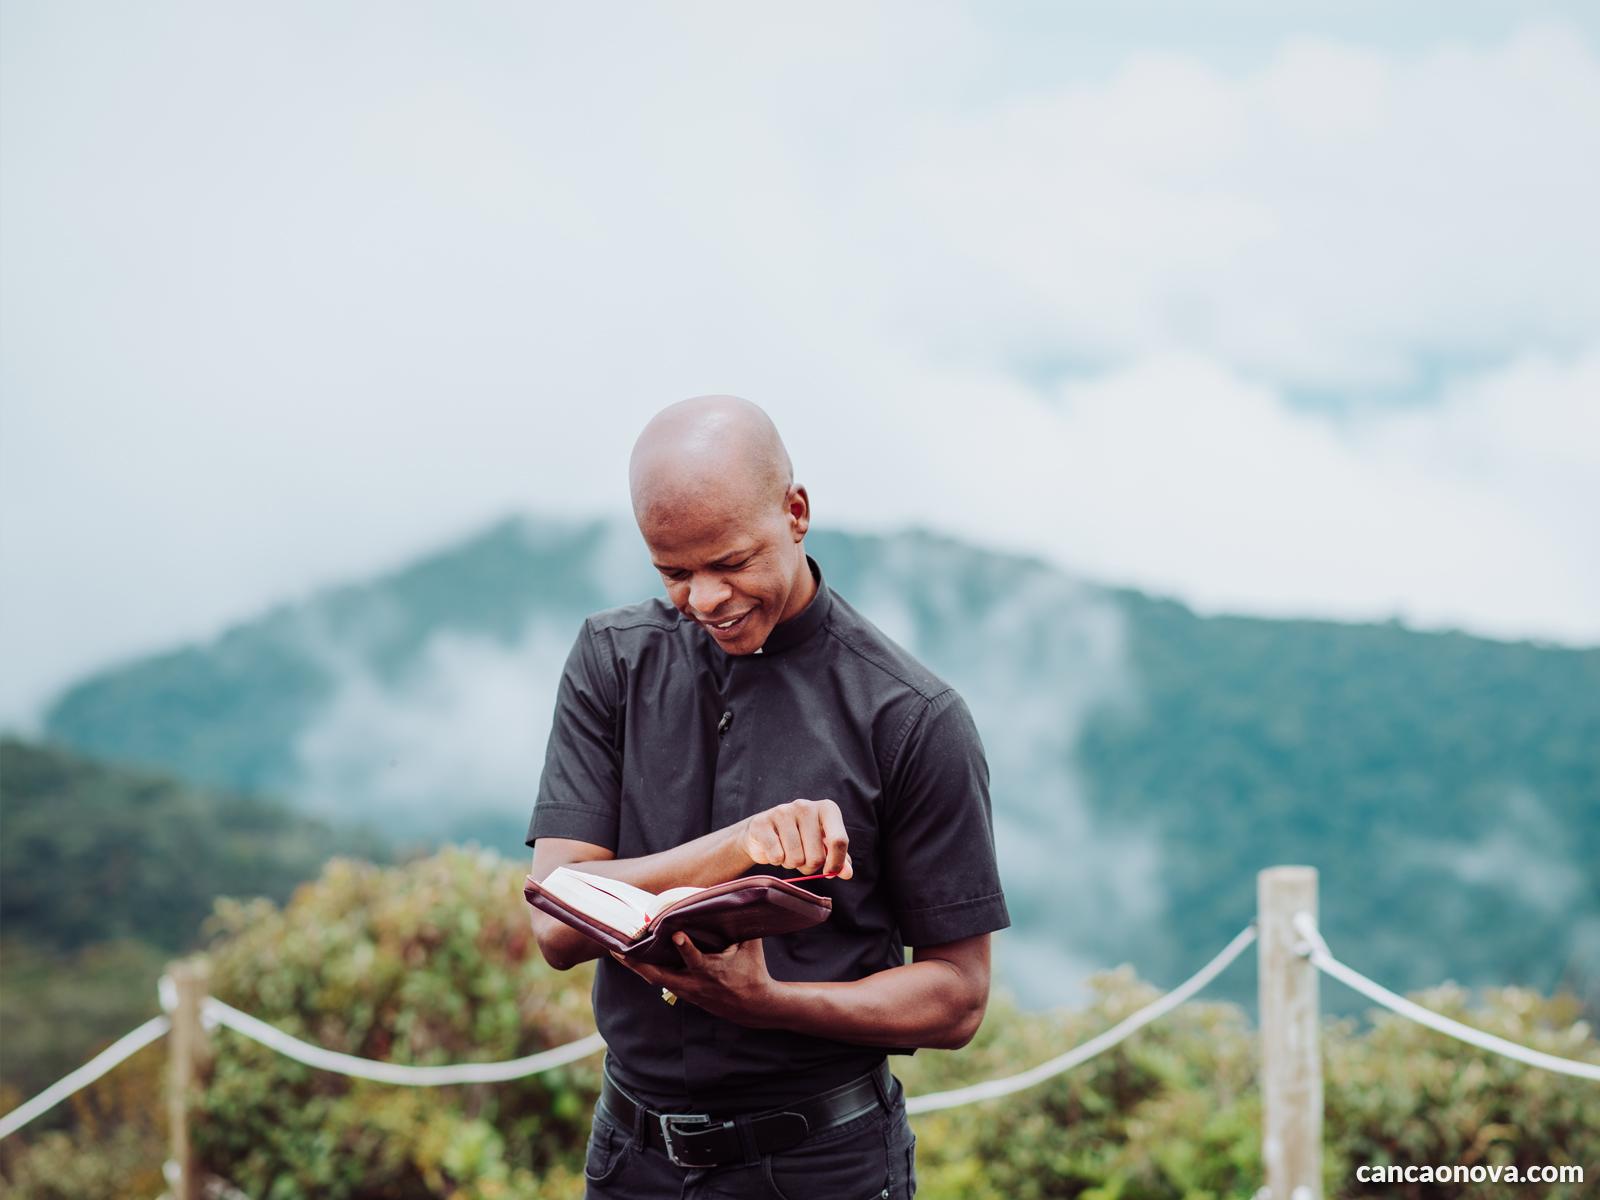 Perceba as promessas de Deus em sua vida | Dia 26